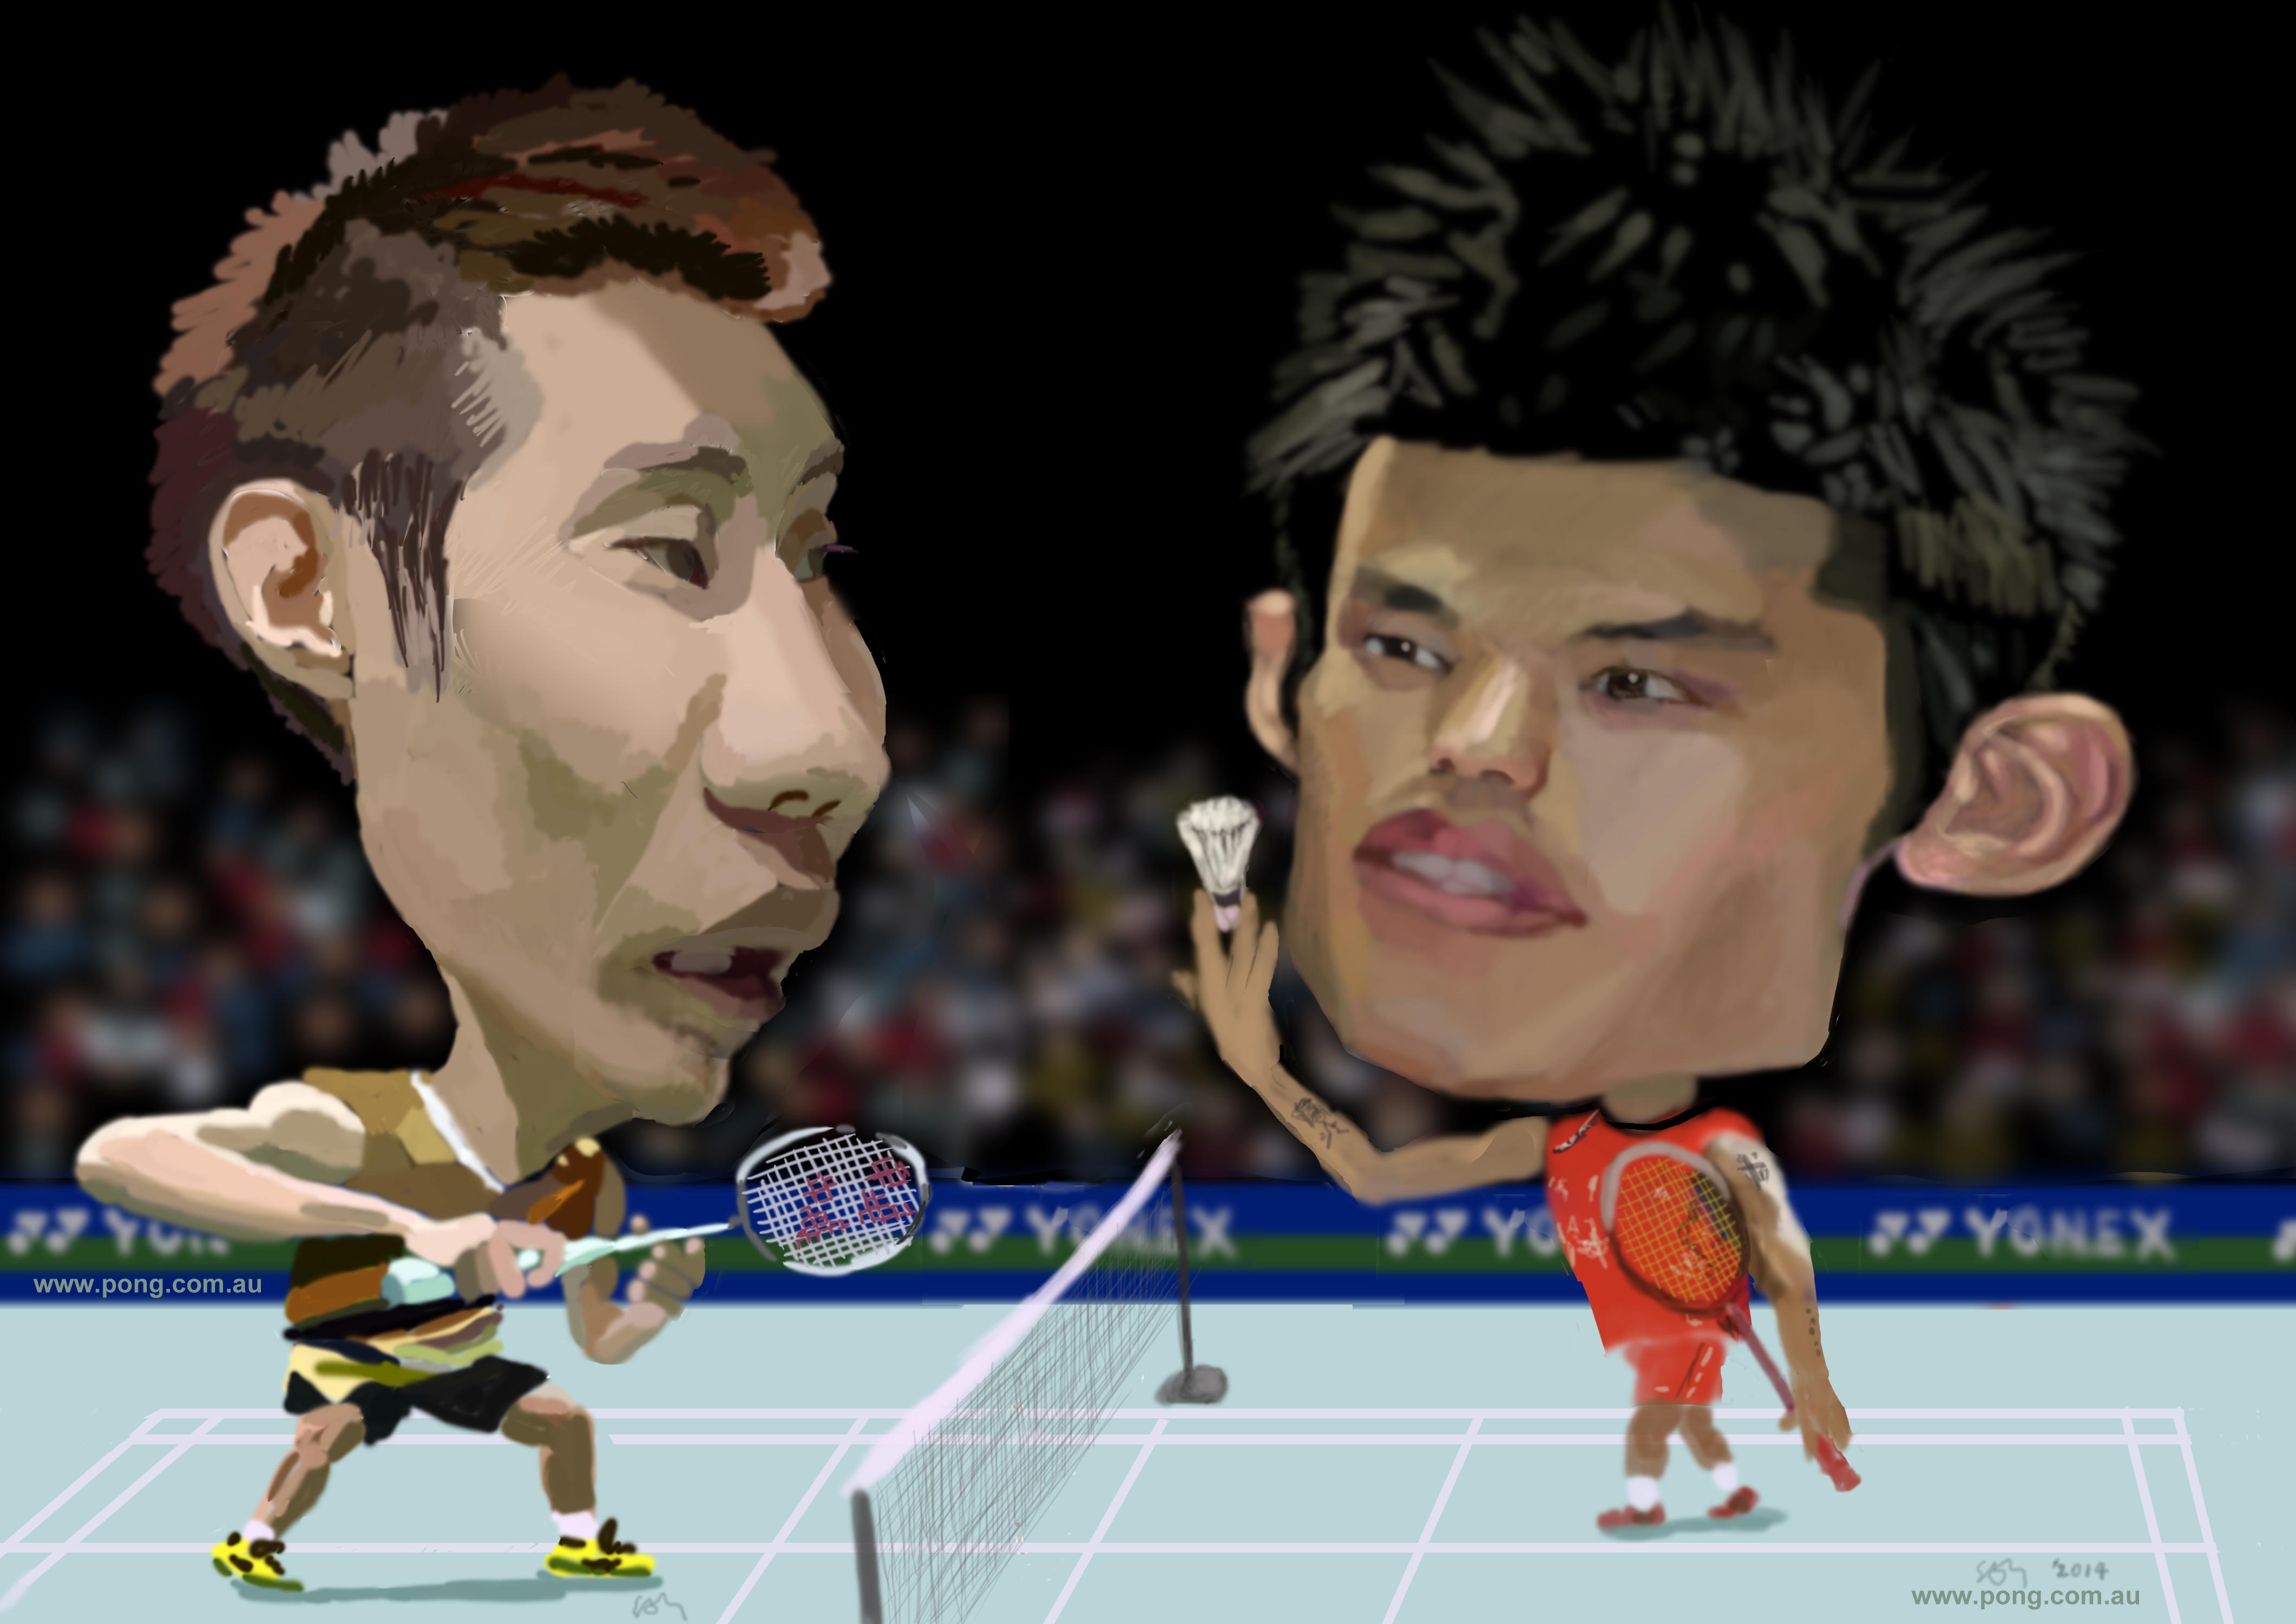 Lee Chong Wei vs Lin Dan caricature